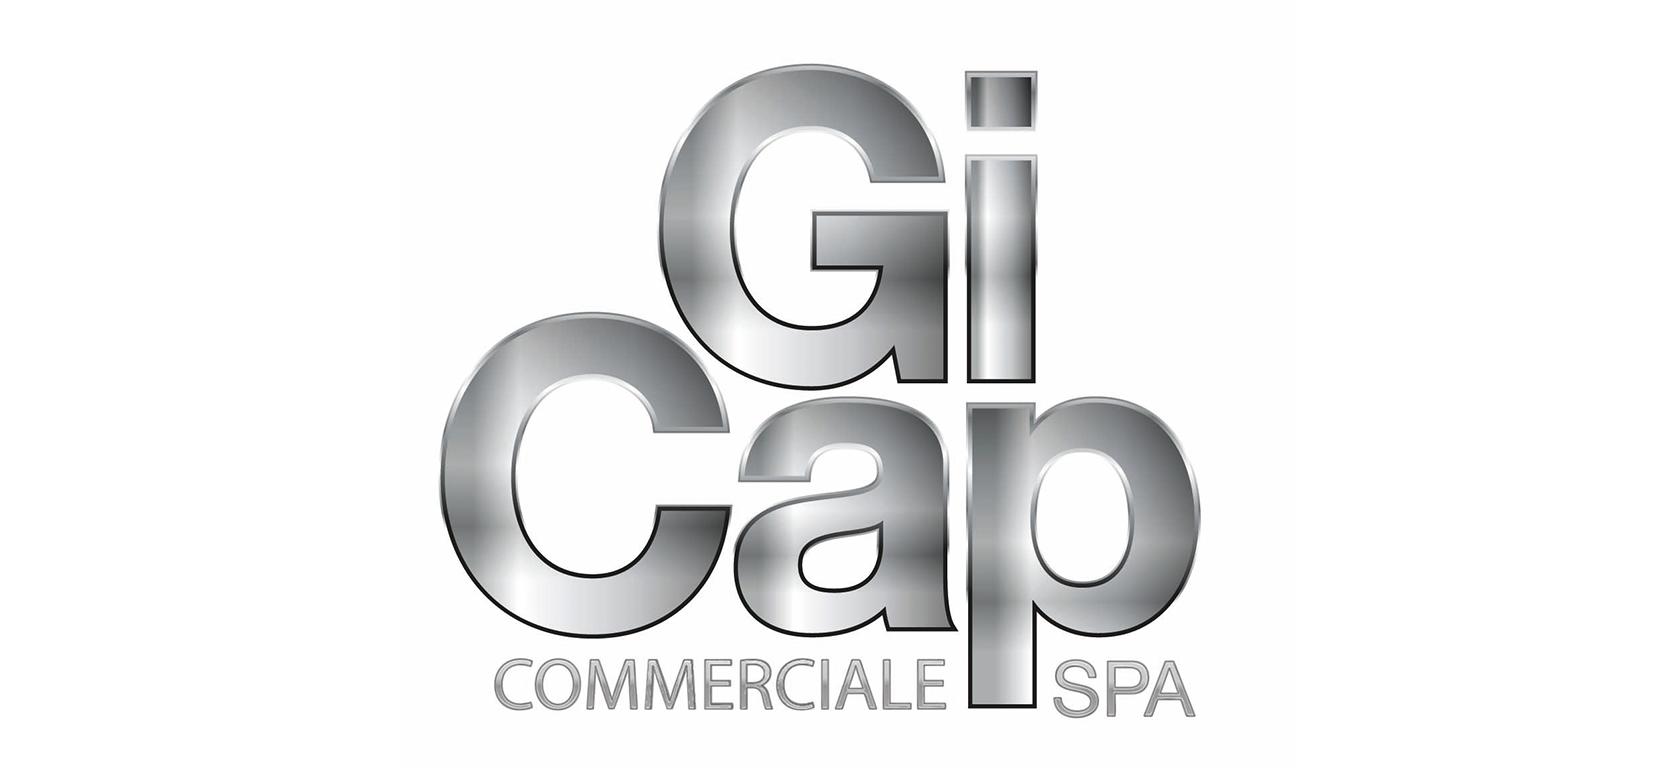 GiCap